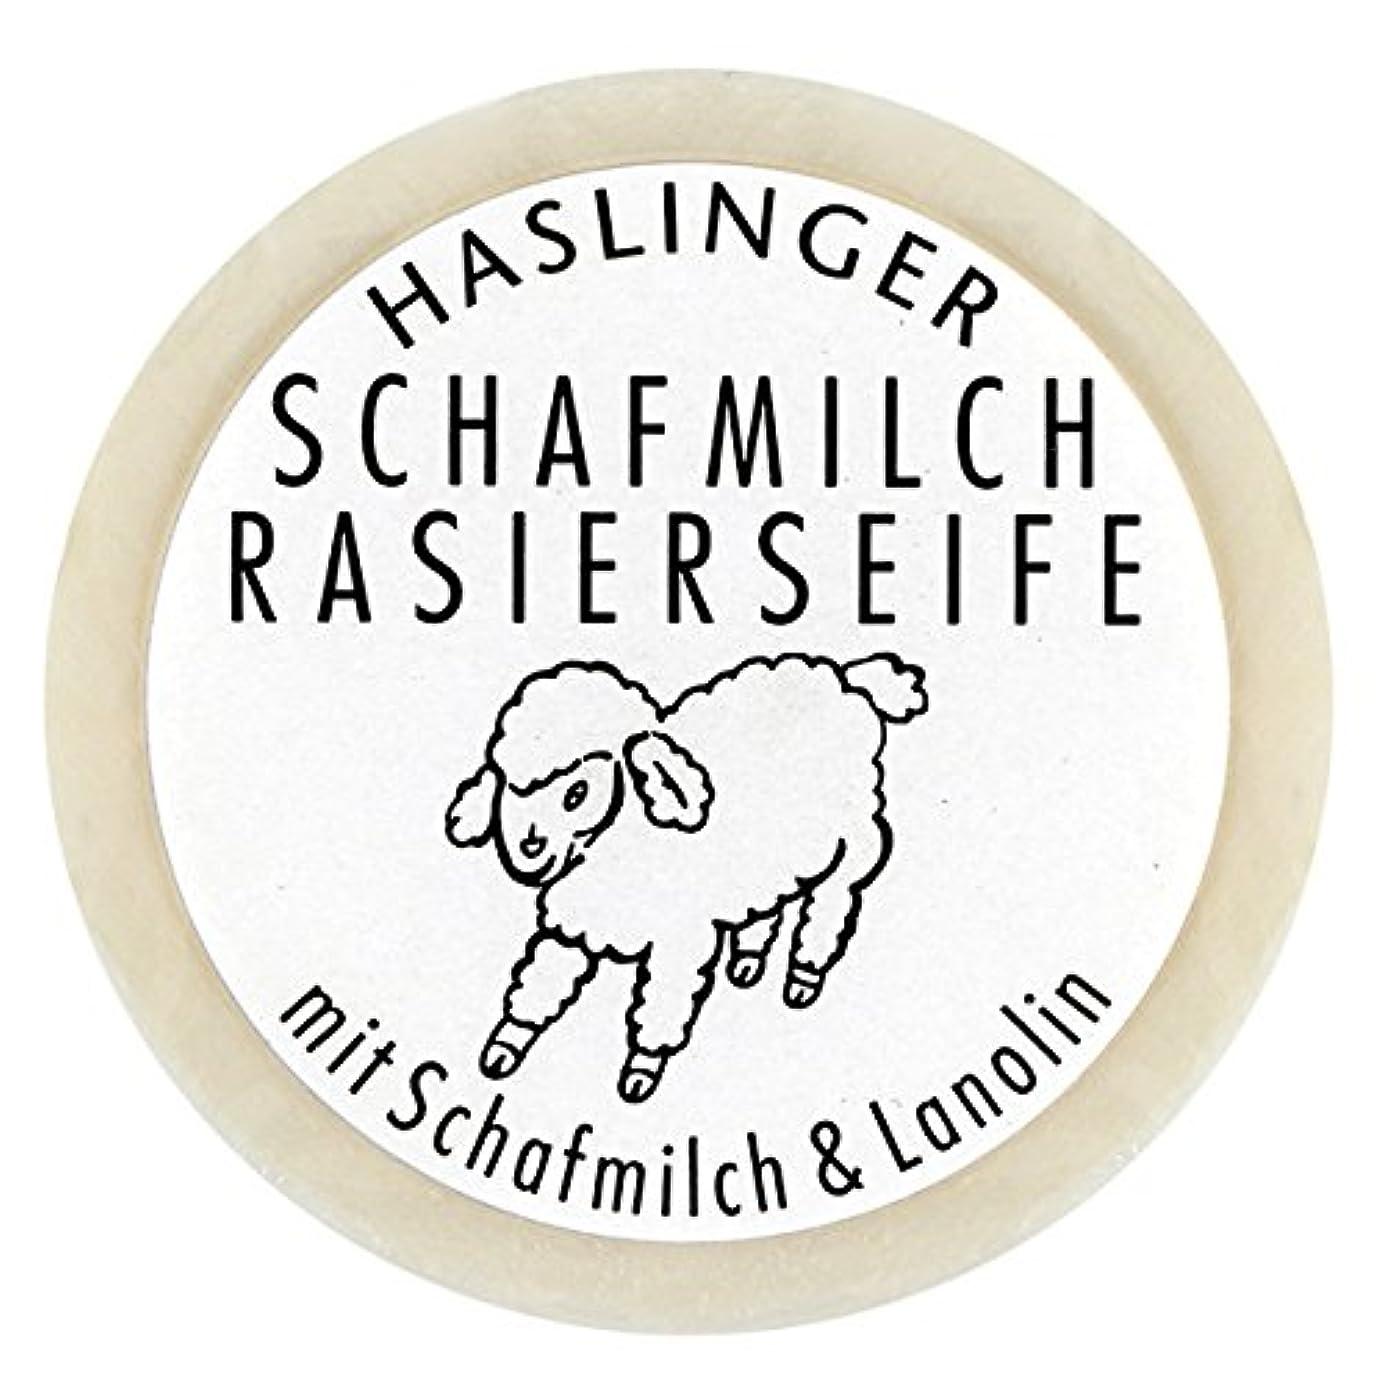 割り当てるディベート外科医Schafmilch Rasierseife (Ewe`s Milk Shave Soap) 60g soap bar by Haslinger by Haslinger